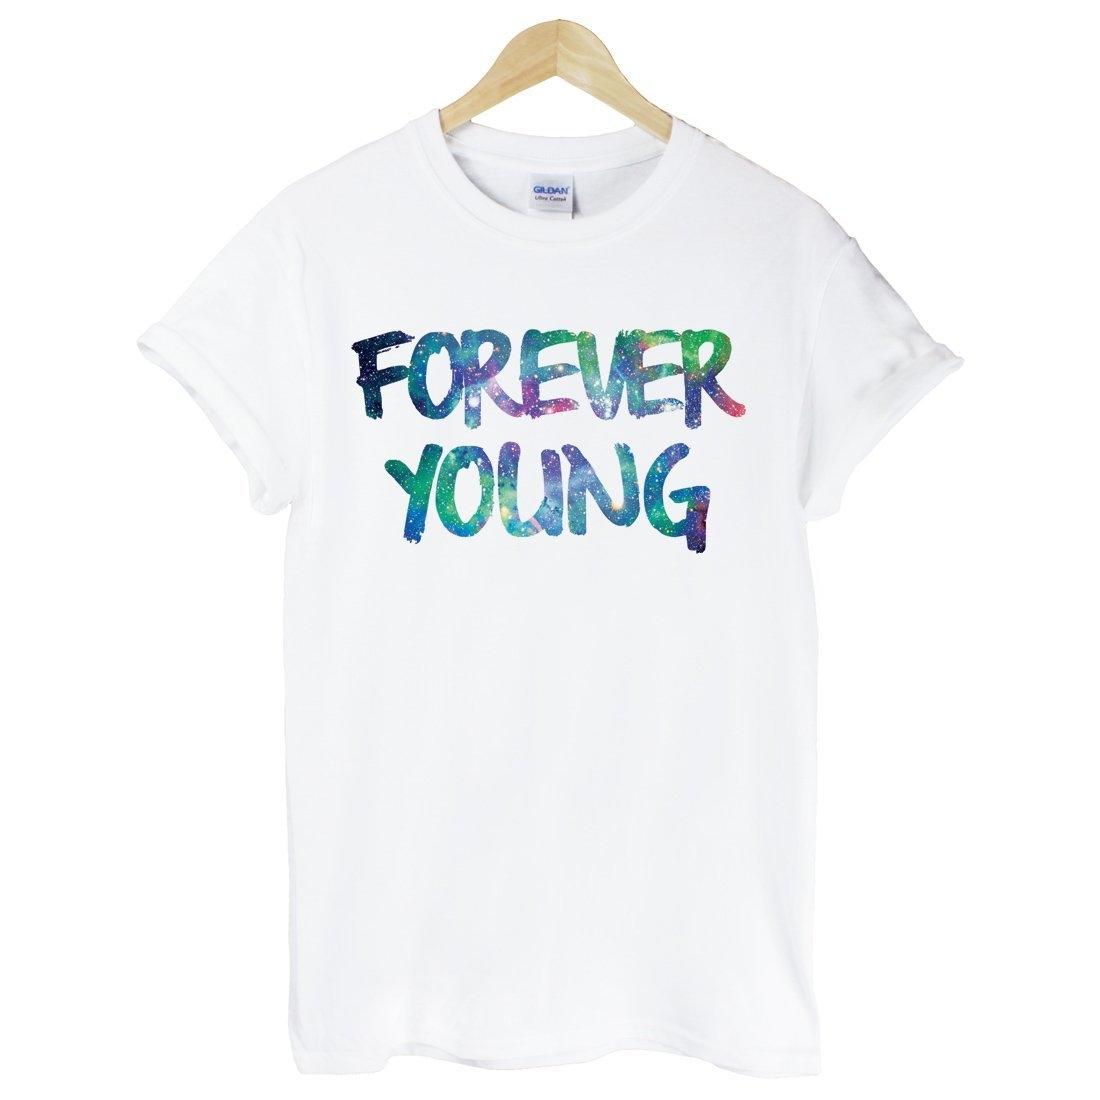 Forever Young-Galaxy短袖T恤-白色 永遠年輕 銀河系 三角形 宇宙 文青 時尚 設計 自創 品牌